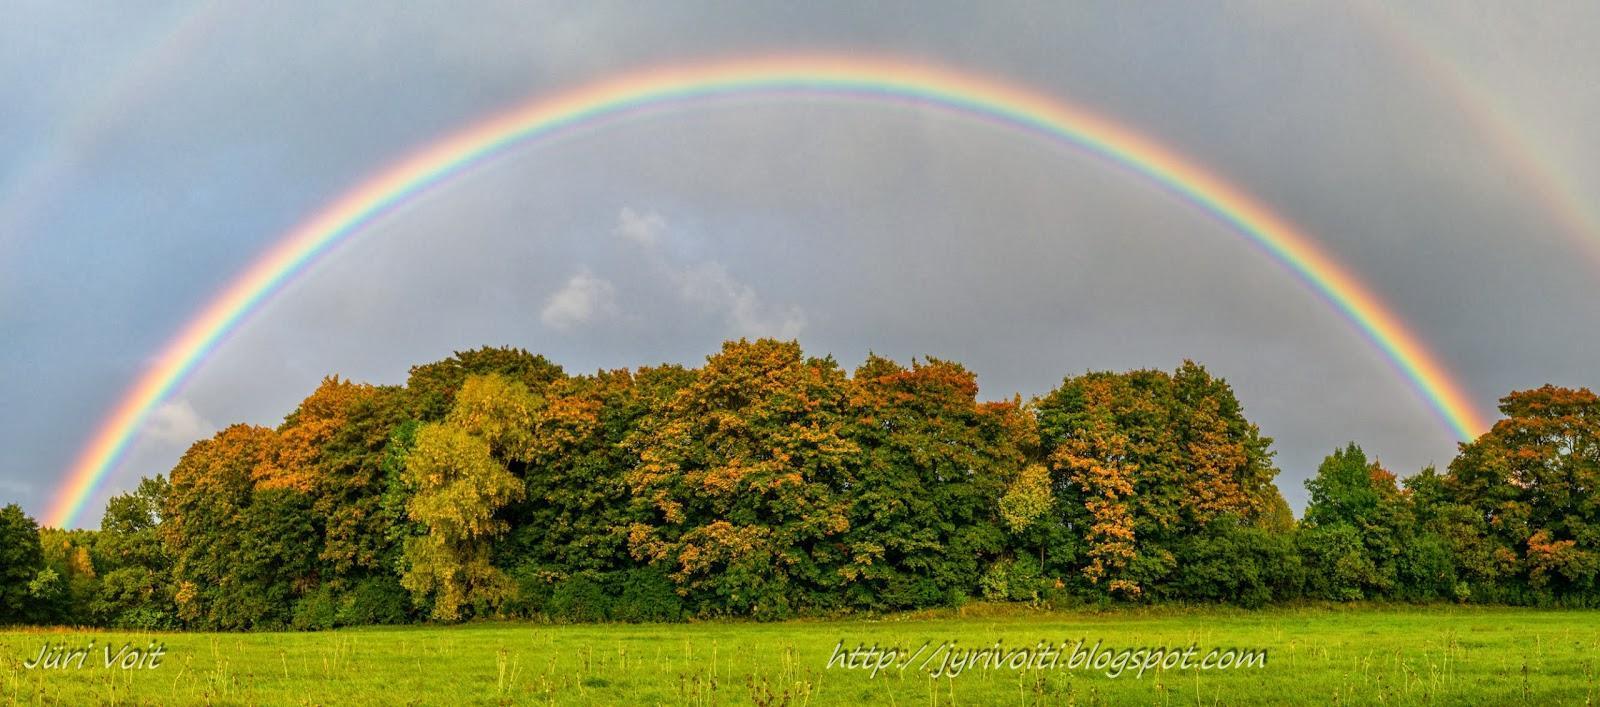 Doppio arcobaleno e le foglie d'autunno. Foto scattata in Estonia.